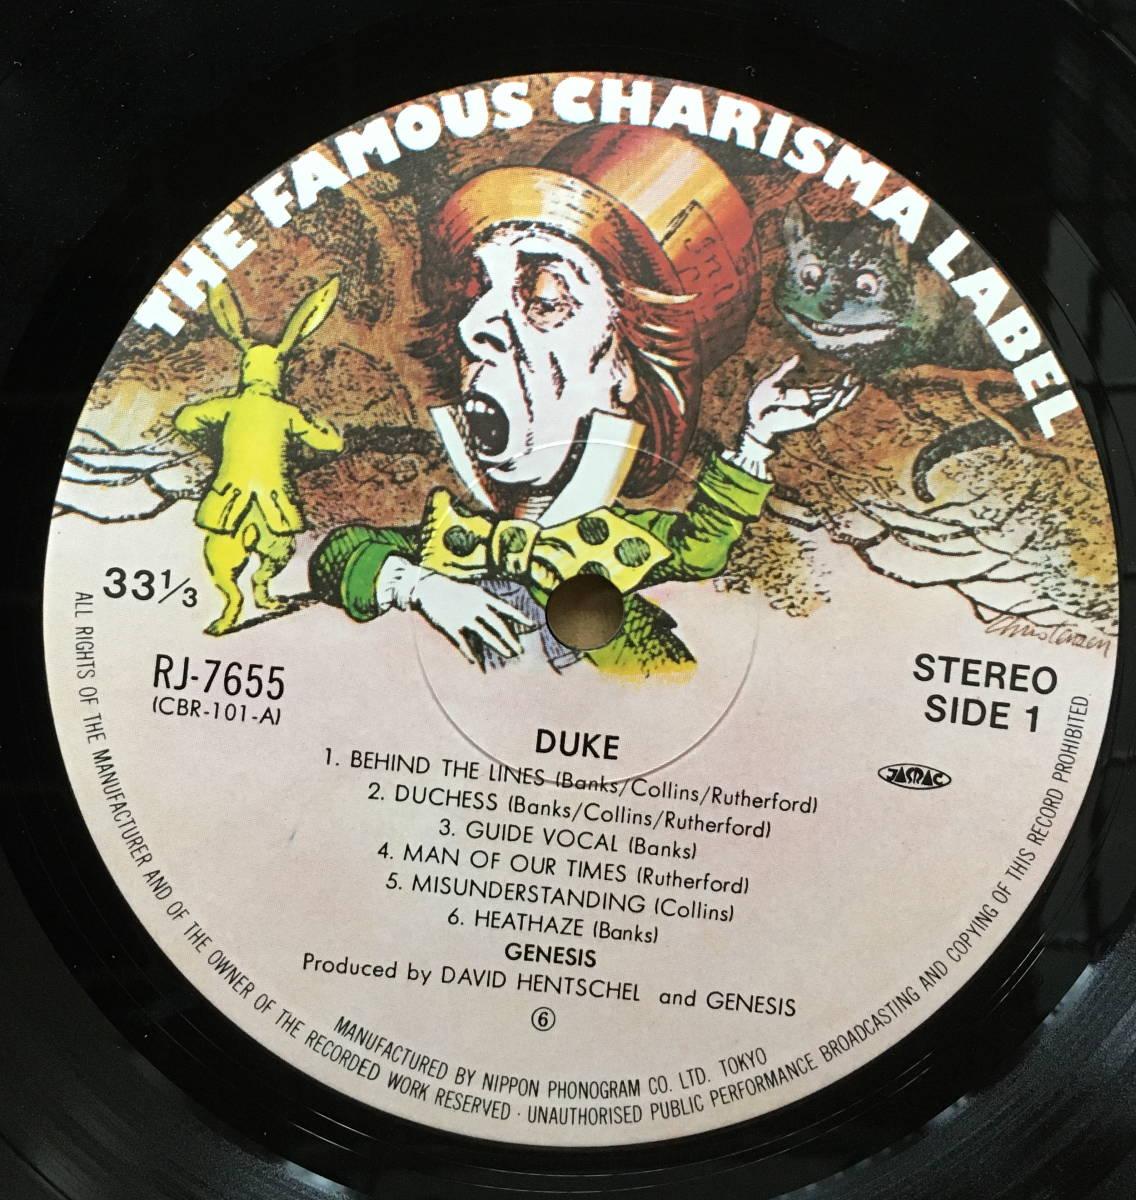 ジェネシス Genesis アルバム3枚「そして3人が残った And Then There Were Three」「デューク Duke」「アバカブ Abacab フィル・コリンズ_画像7